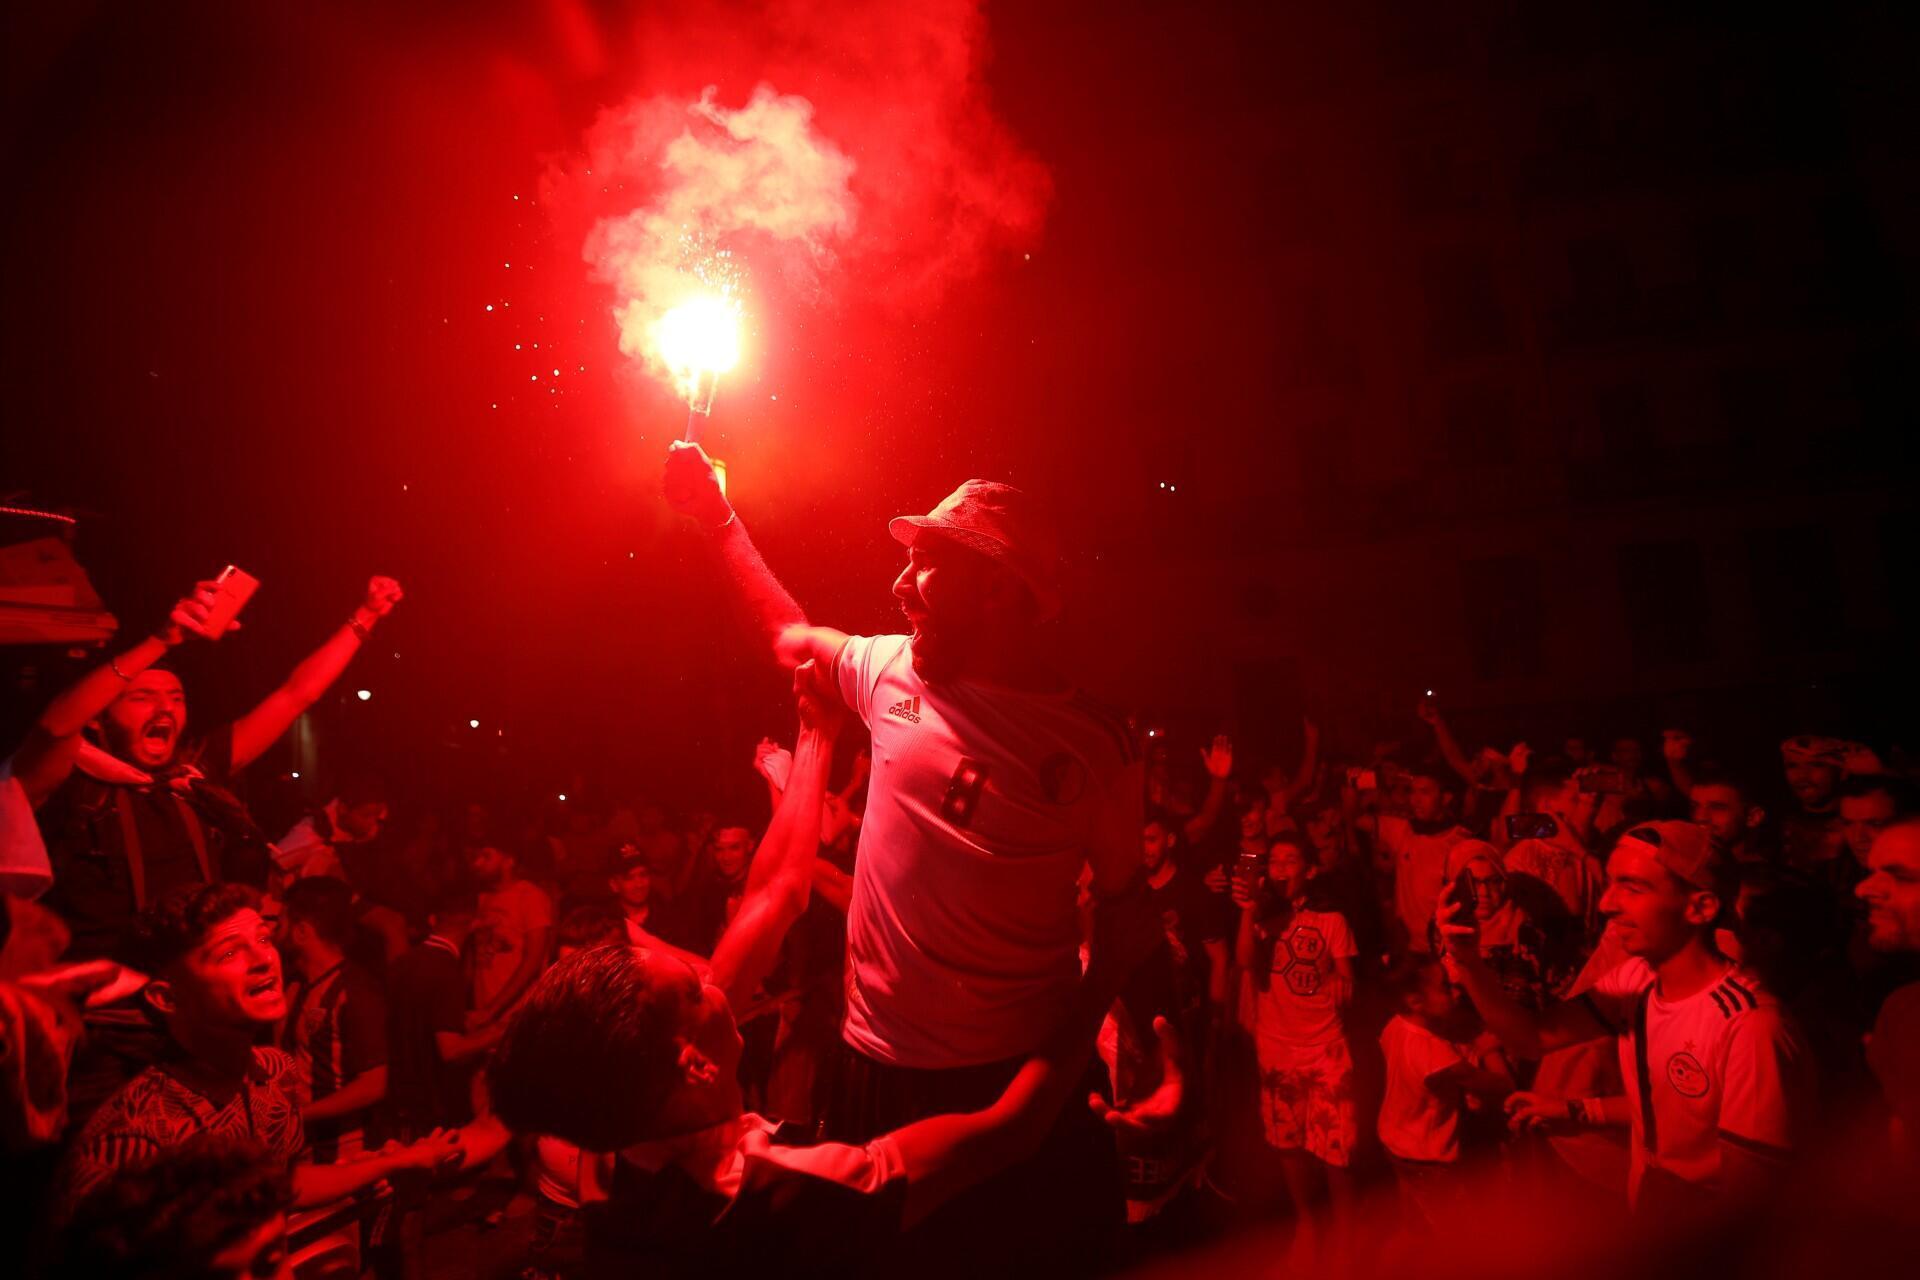 Ramzi Boudina / Reuters